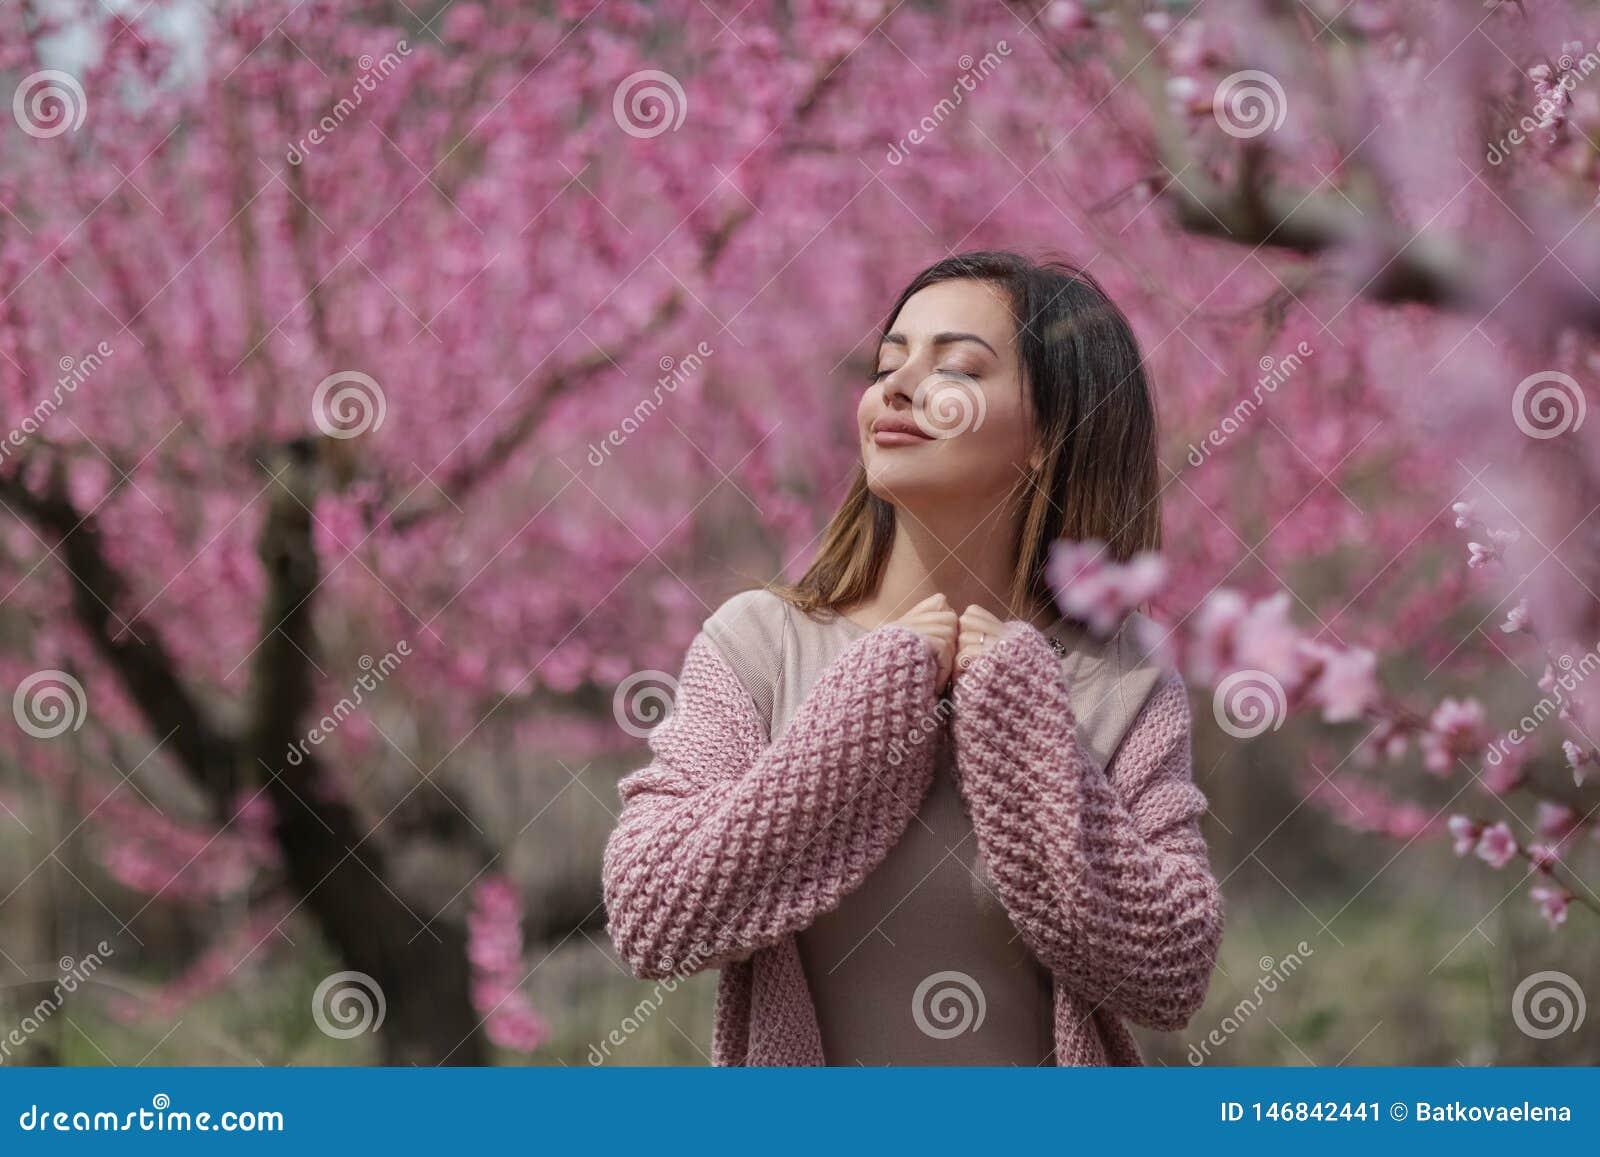 Mooi meisje in een uitstekende stijl in een fabelachtig purper park